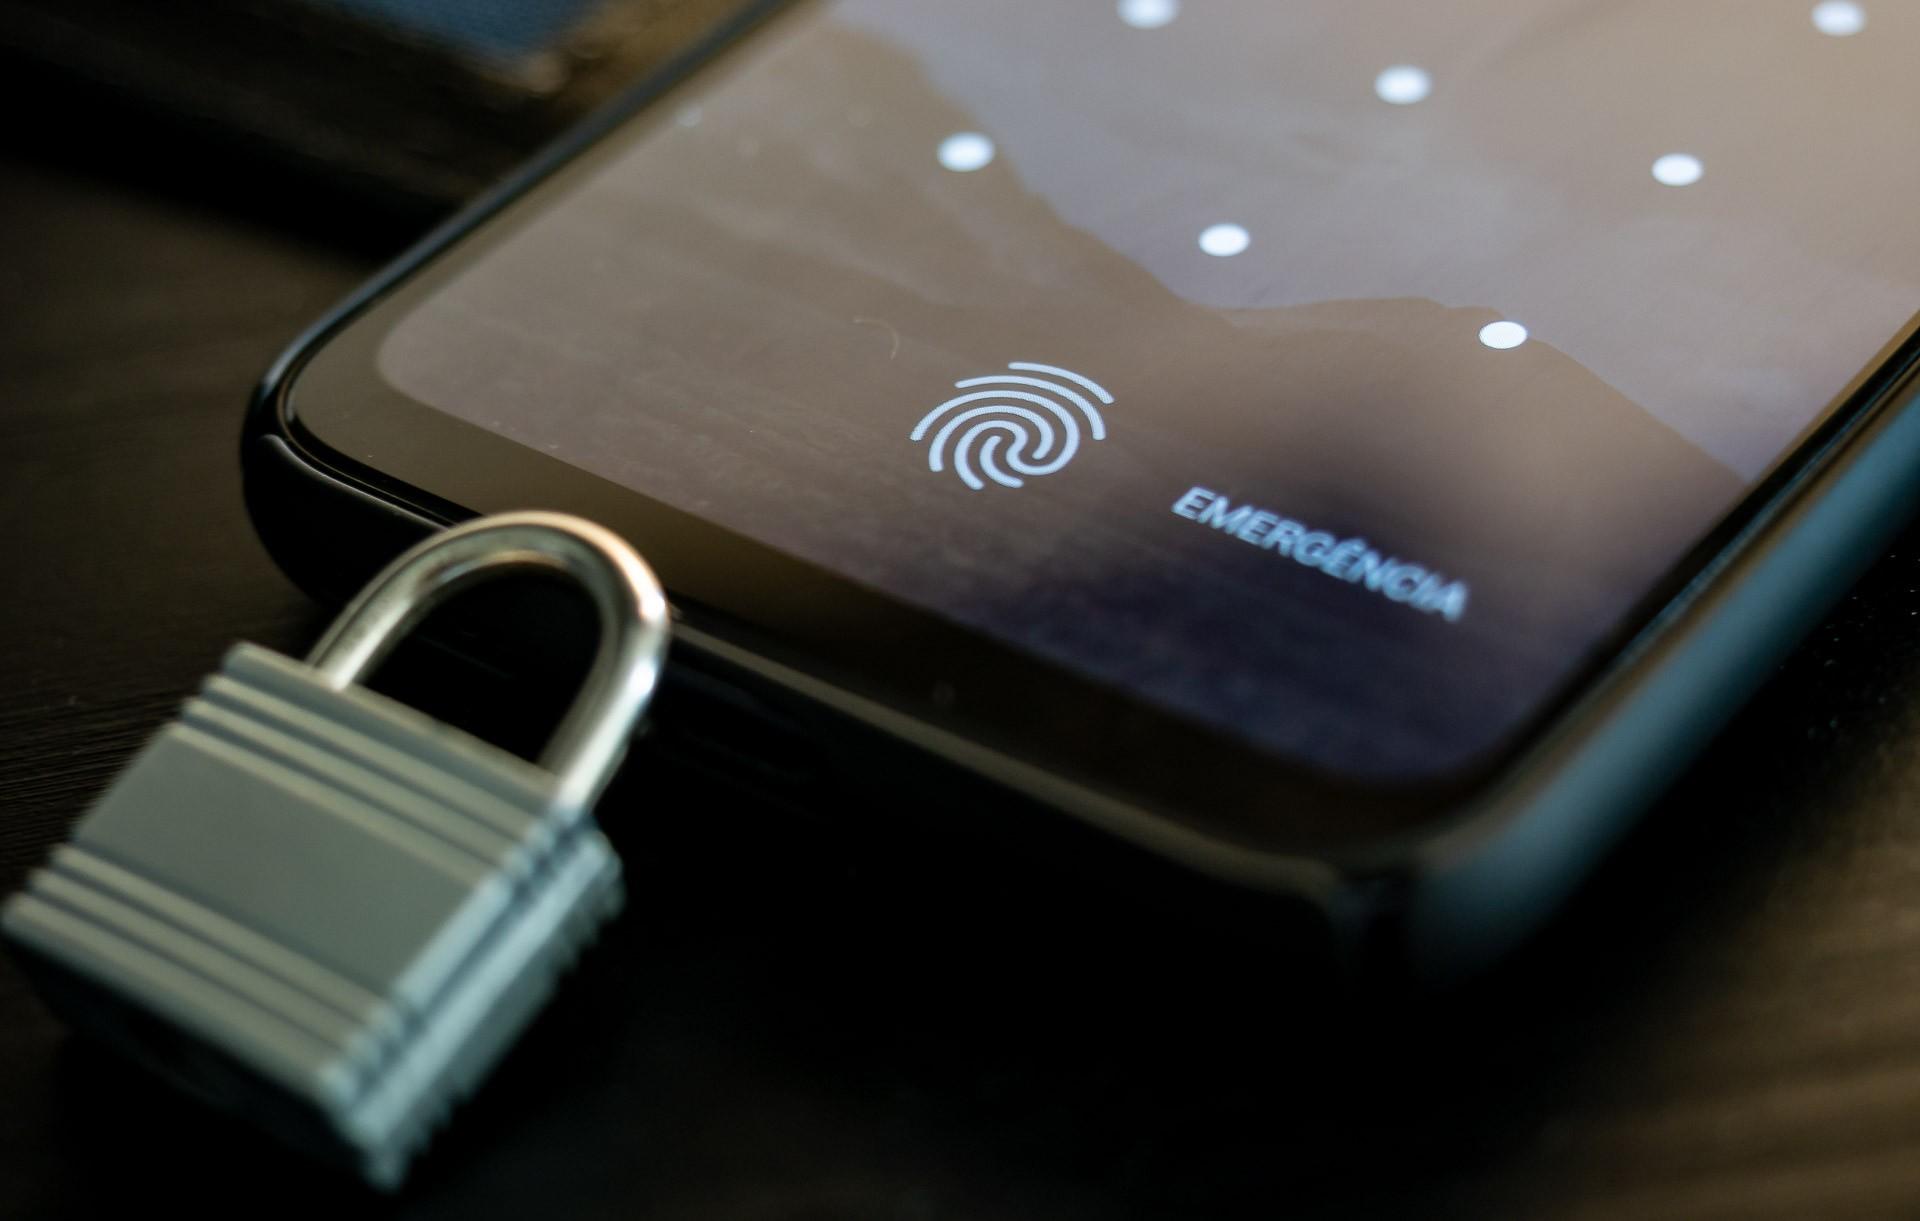 'Não é bem assim': conheça os princípios da segurança digital que apps 'esquecem' em suas promessas de privacidade